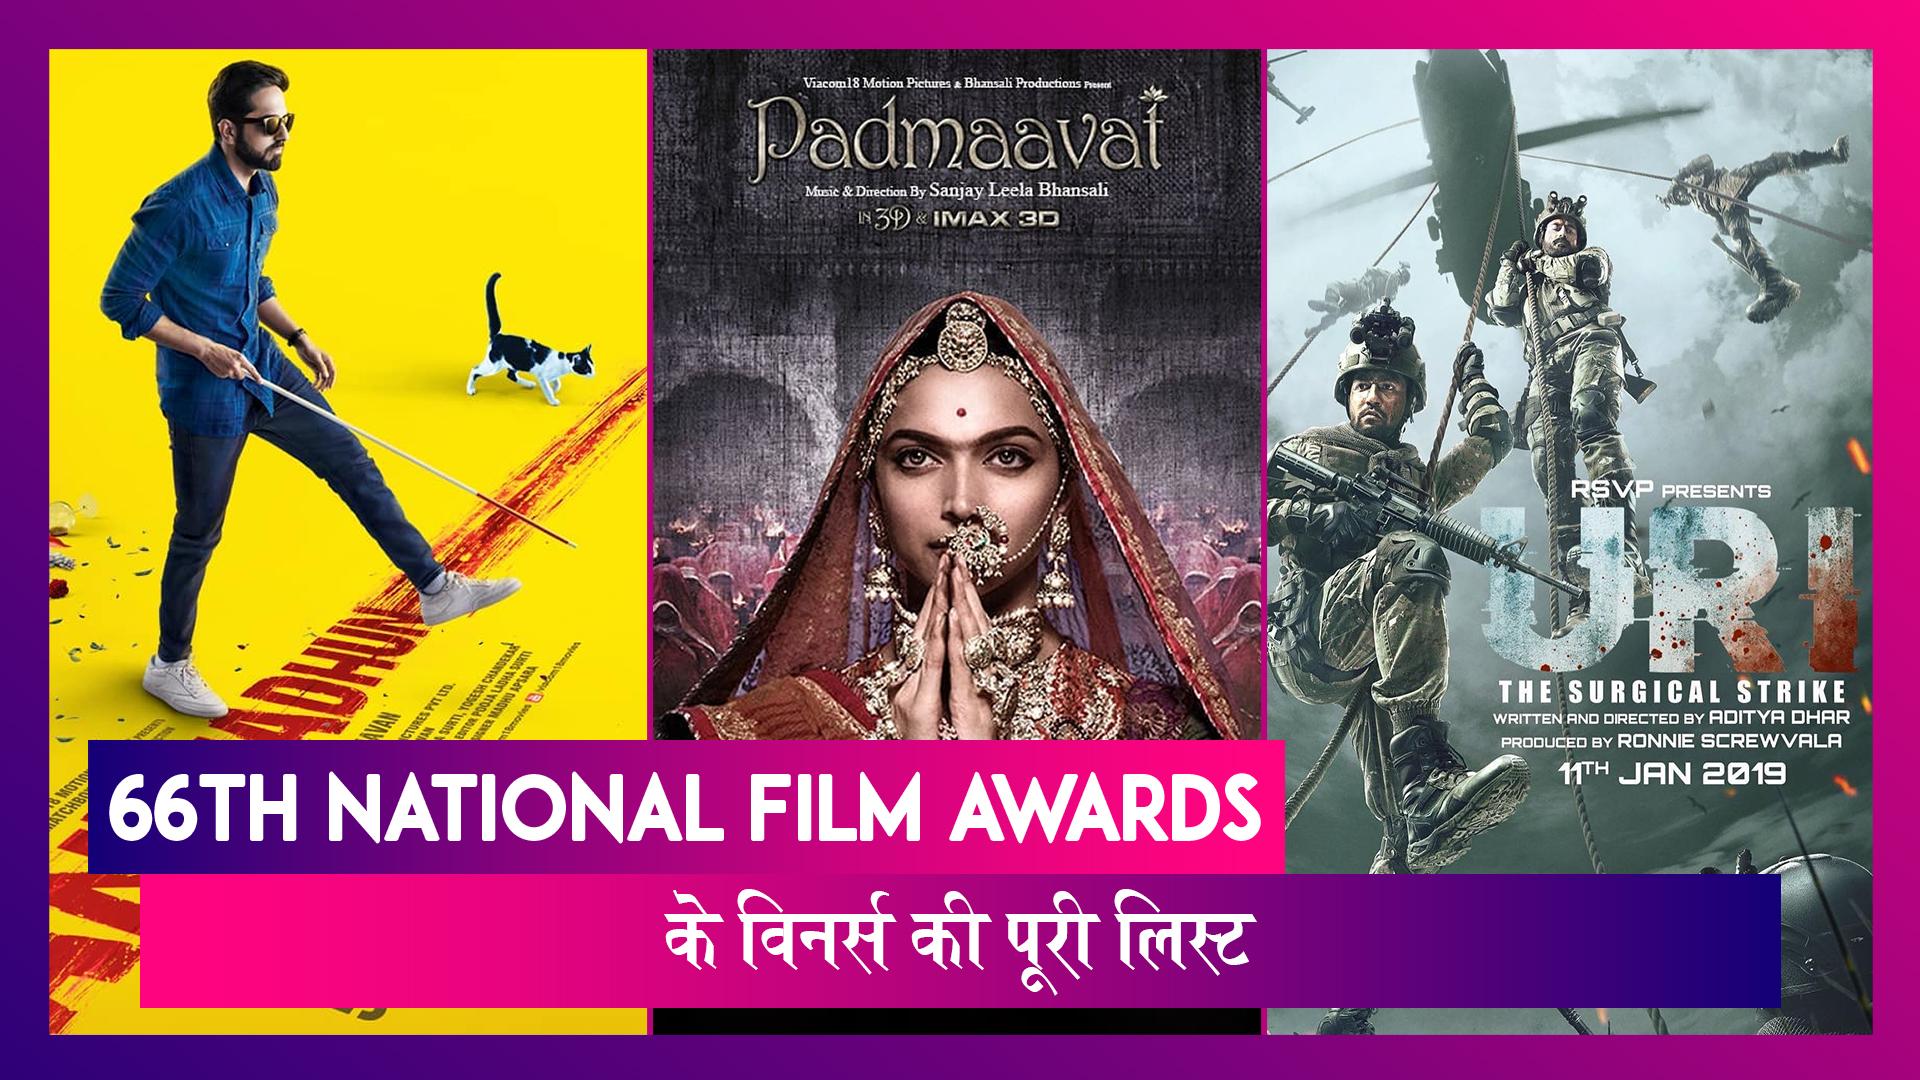 66th National Film Awards: अंधाधुन, उरी की बड़ी जीत, देखें पूरी लिस्ट | Andhadhun | Padmaavat | Uri